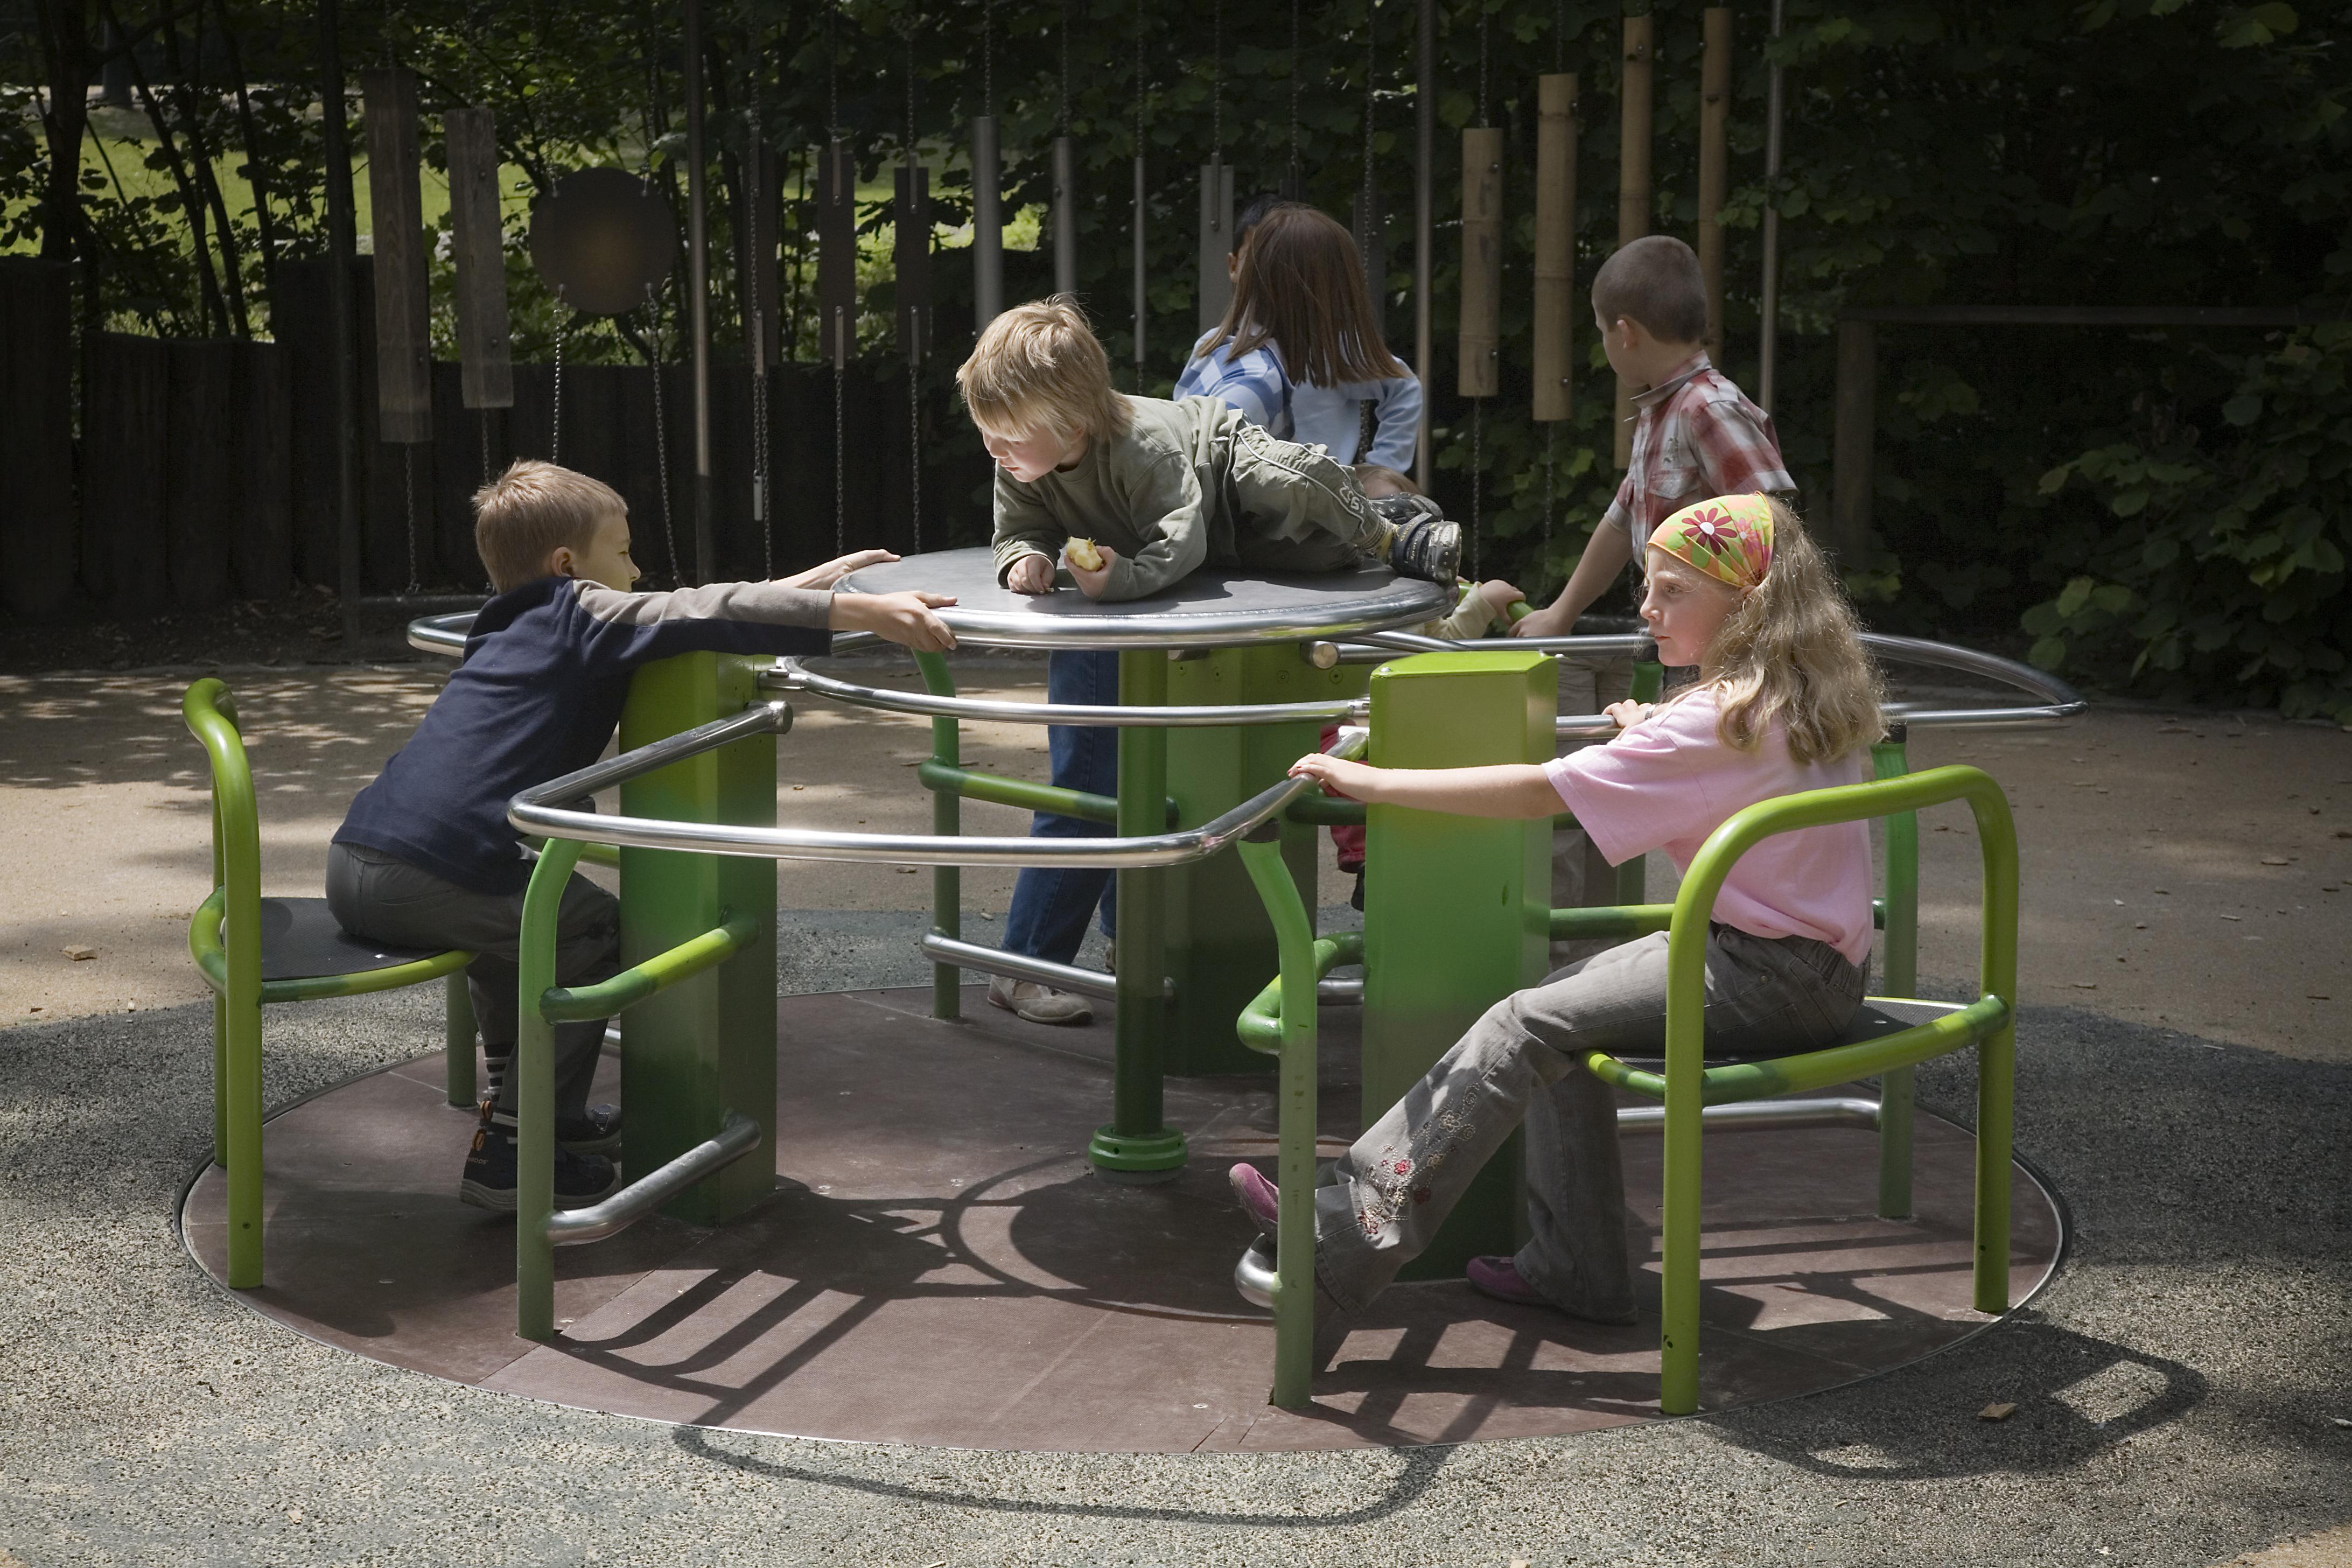 Des enfants jouent